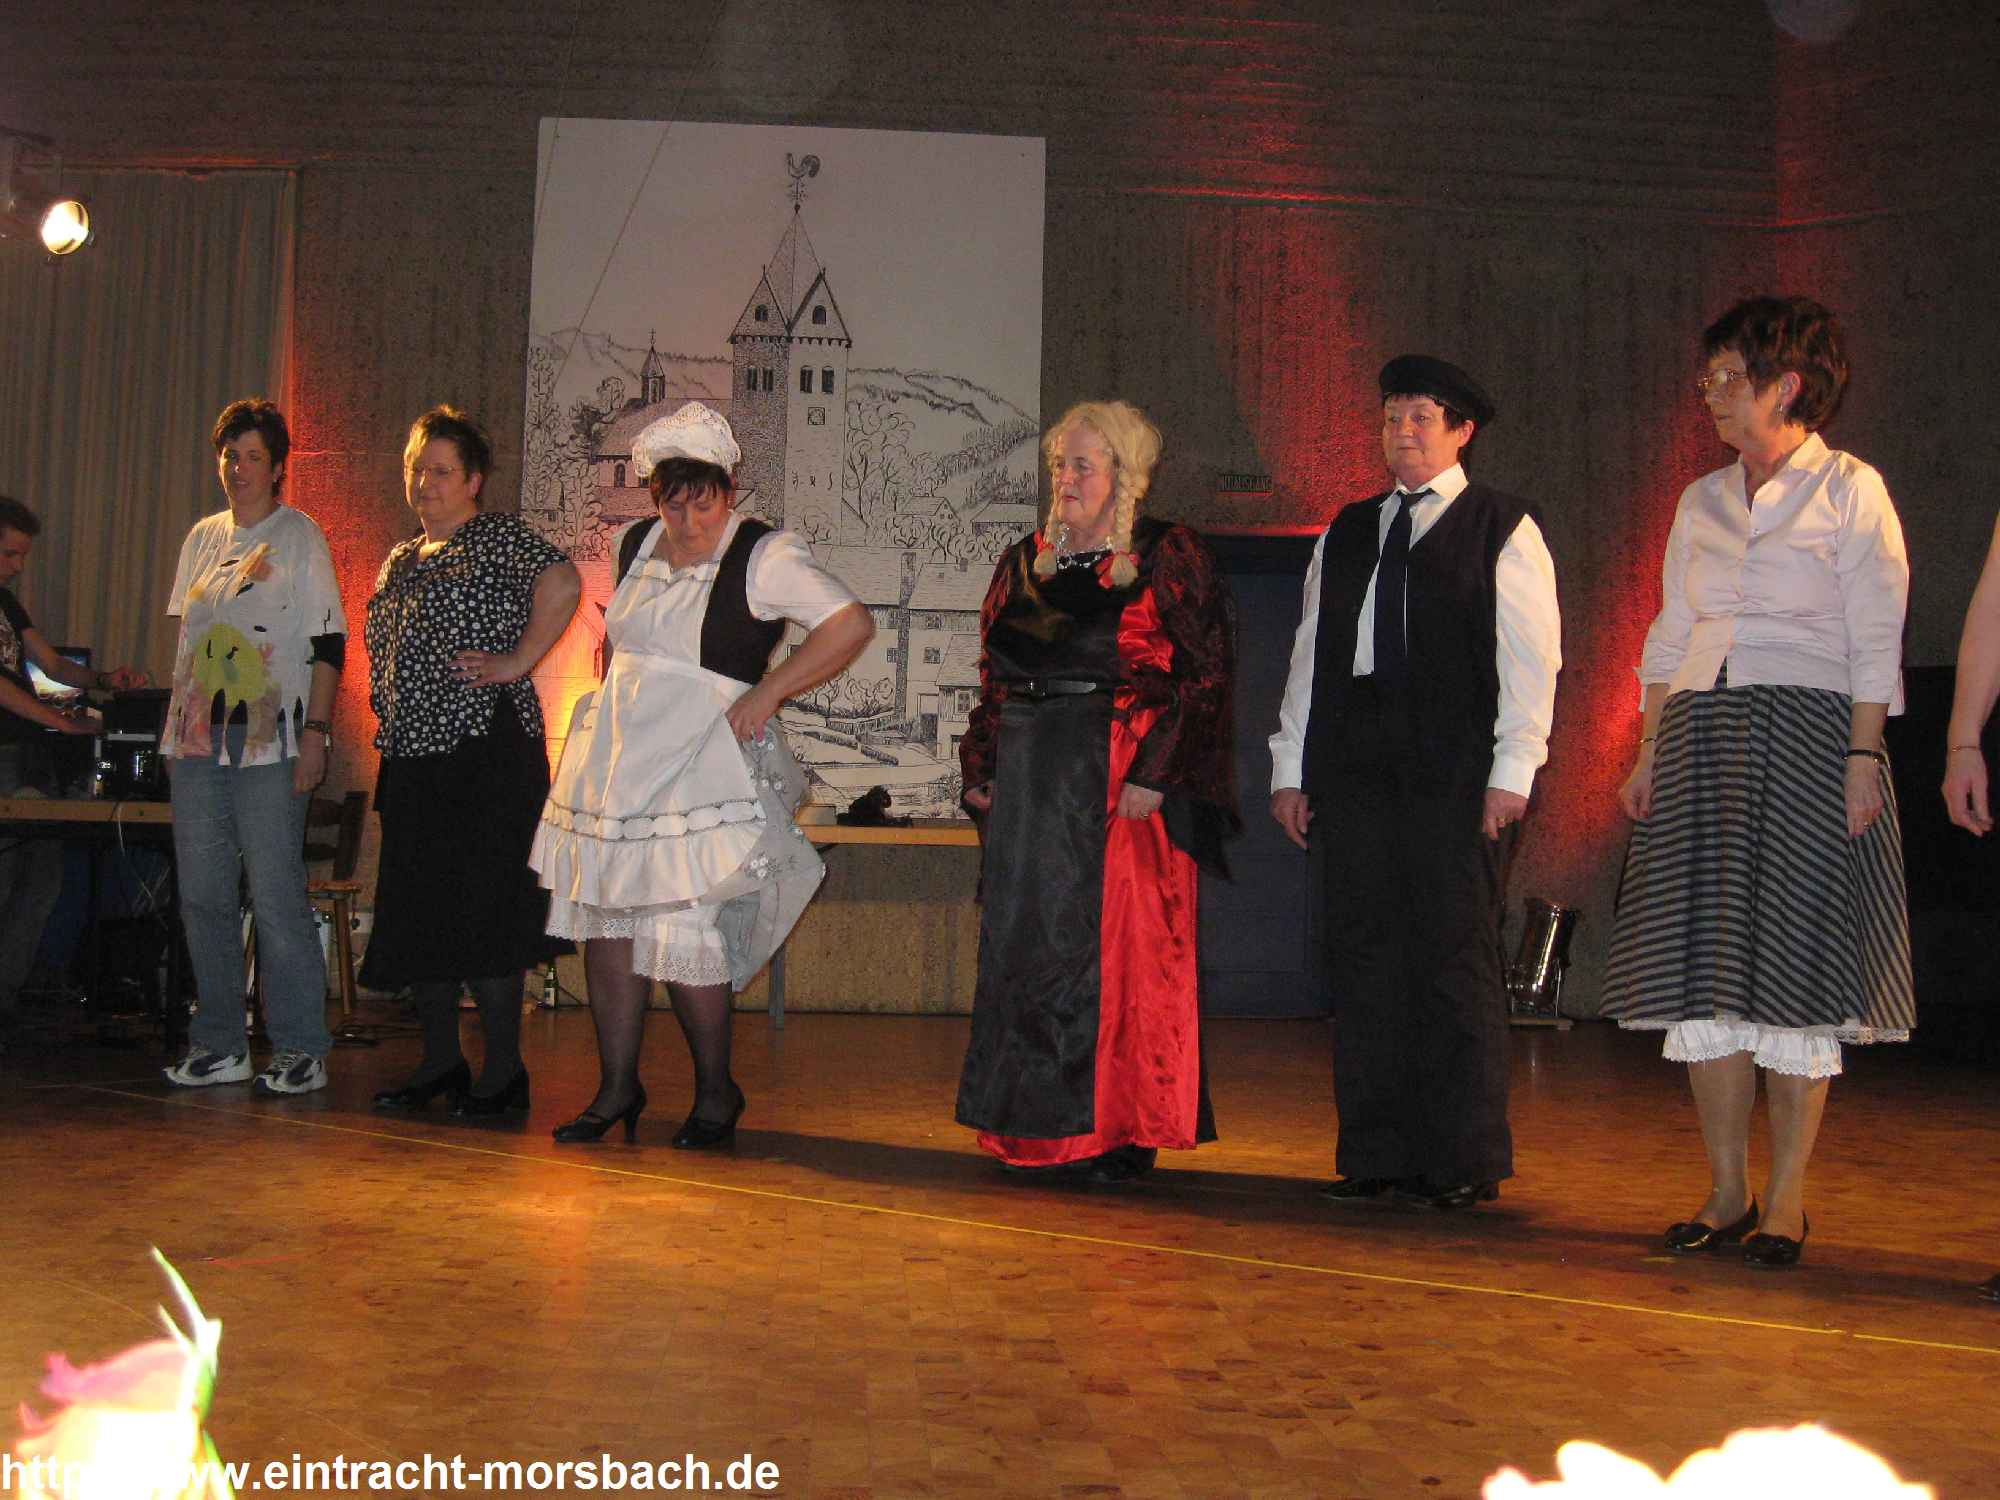 bunter-abend-2009-006